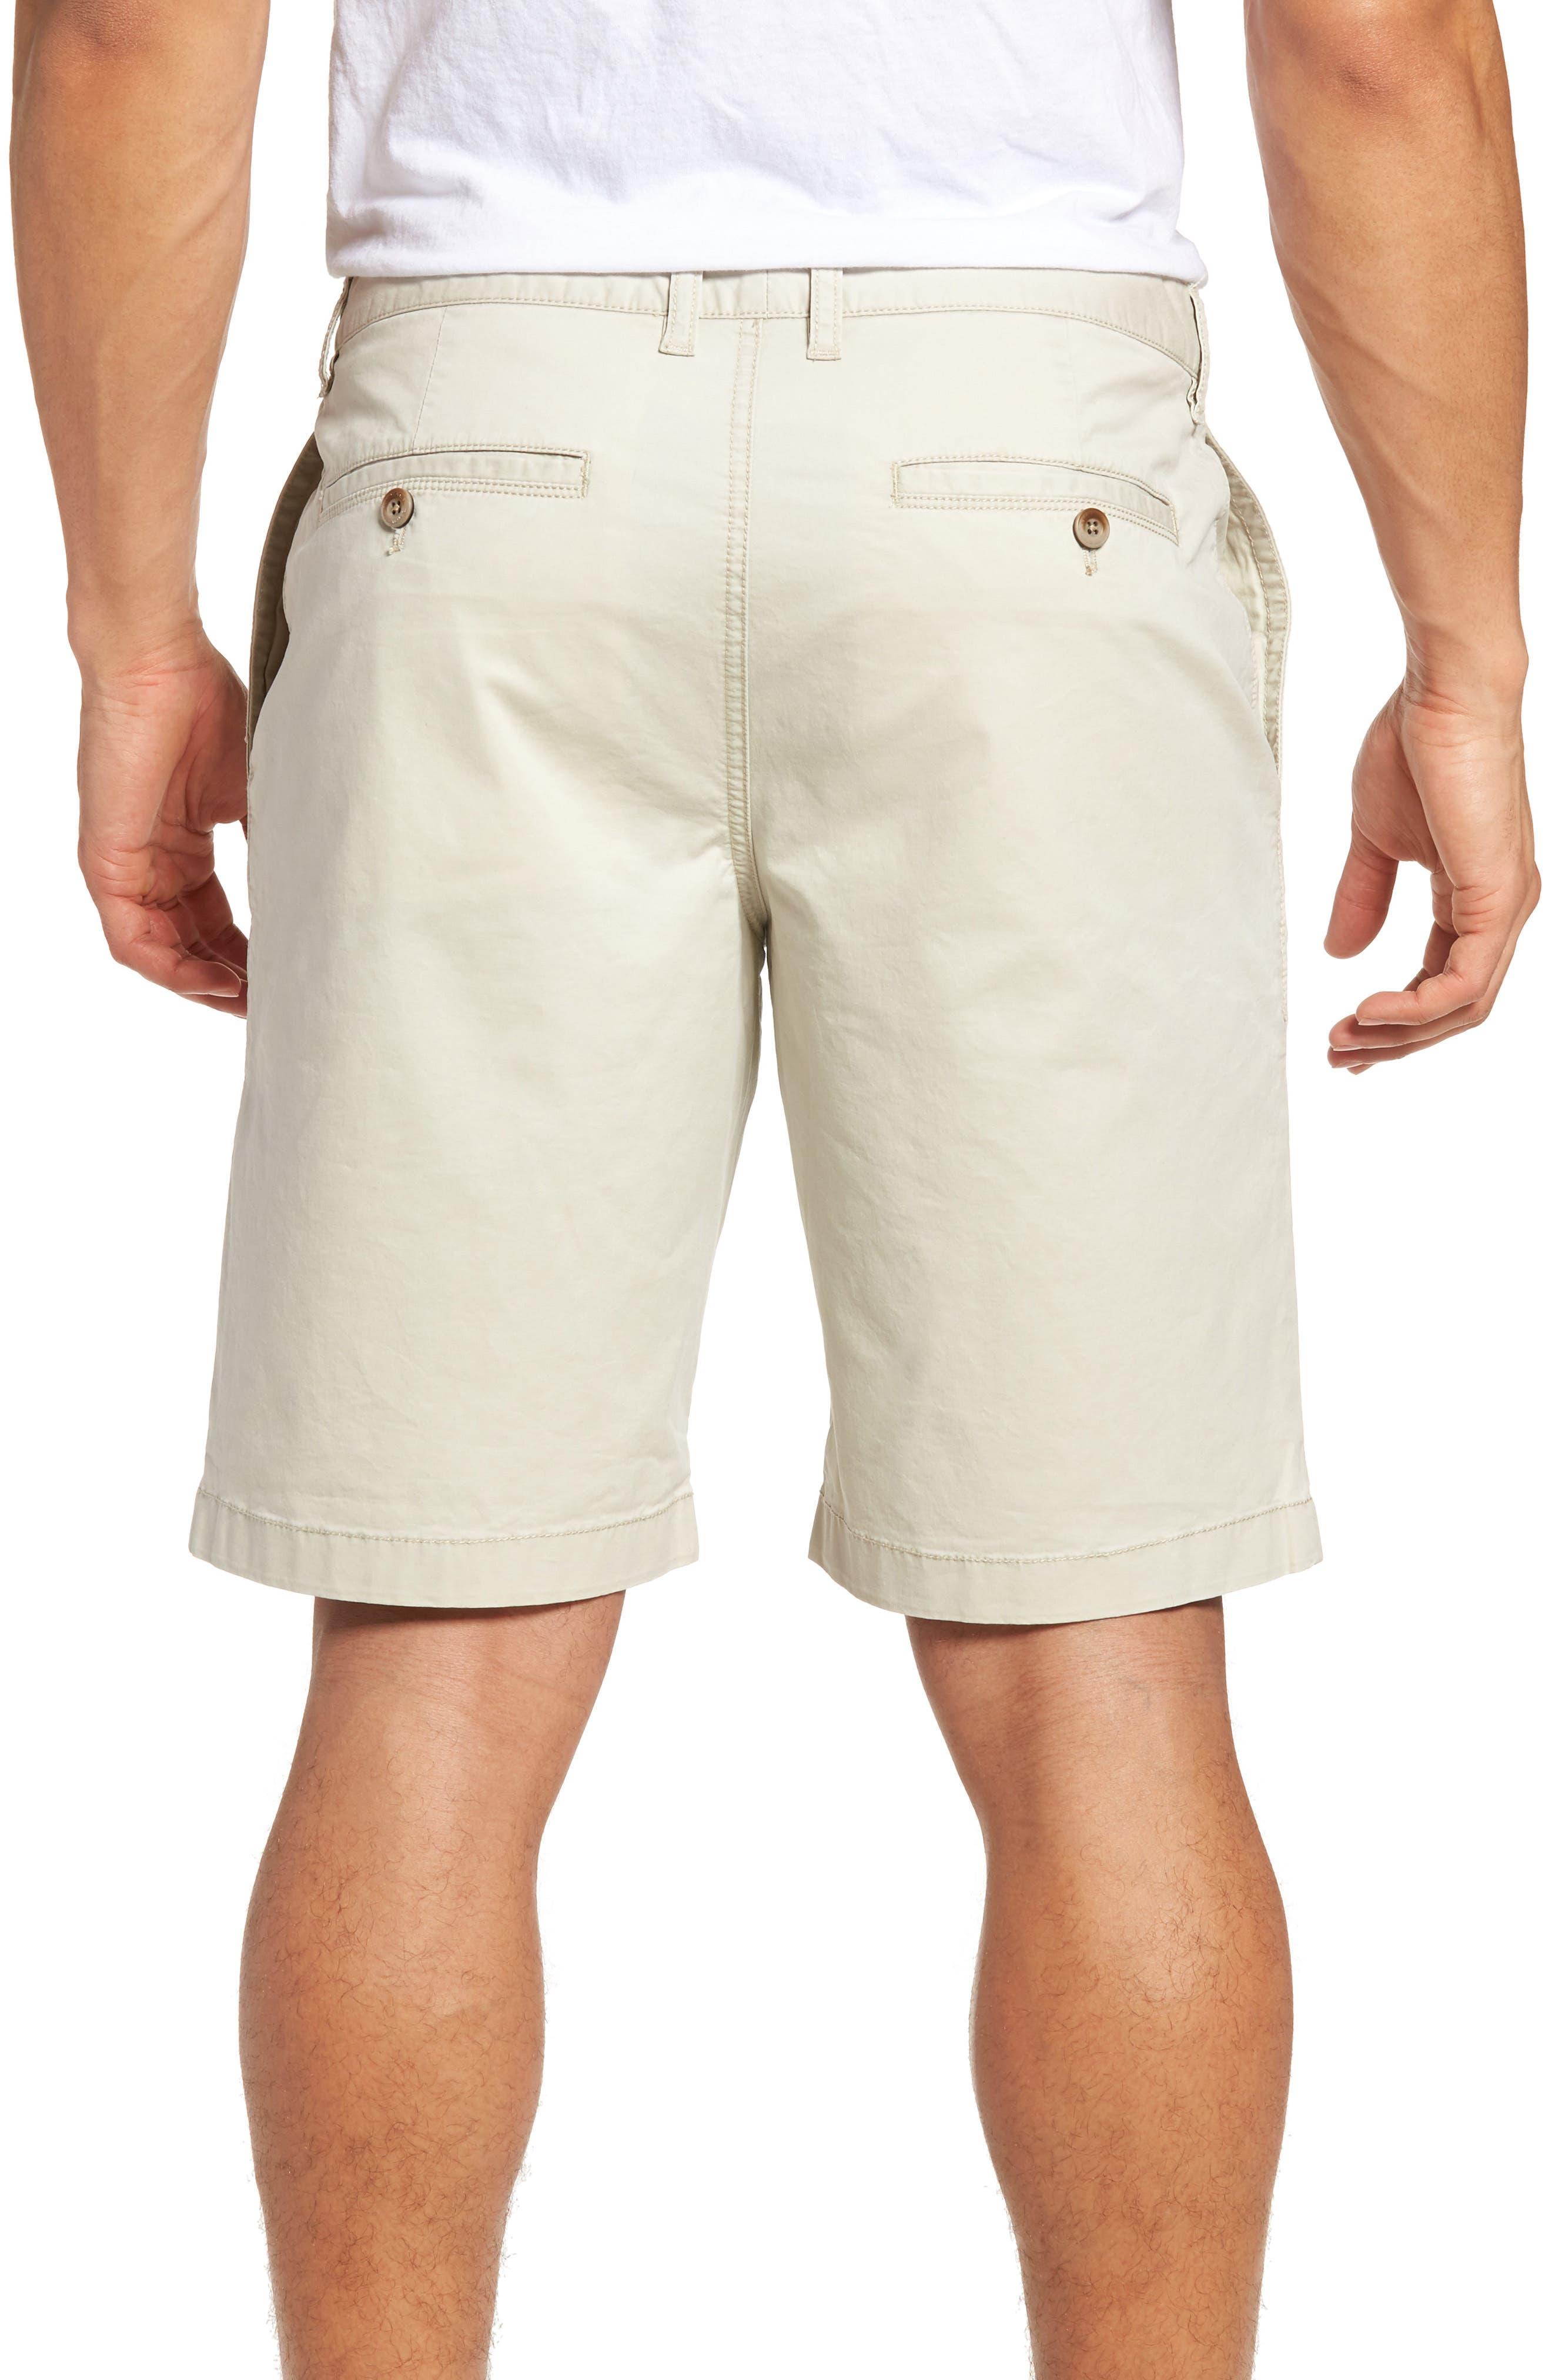 Sail Away Shorts,                             Alternate thumbnail 2, color,                             200